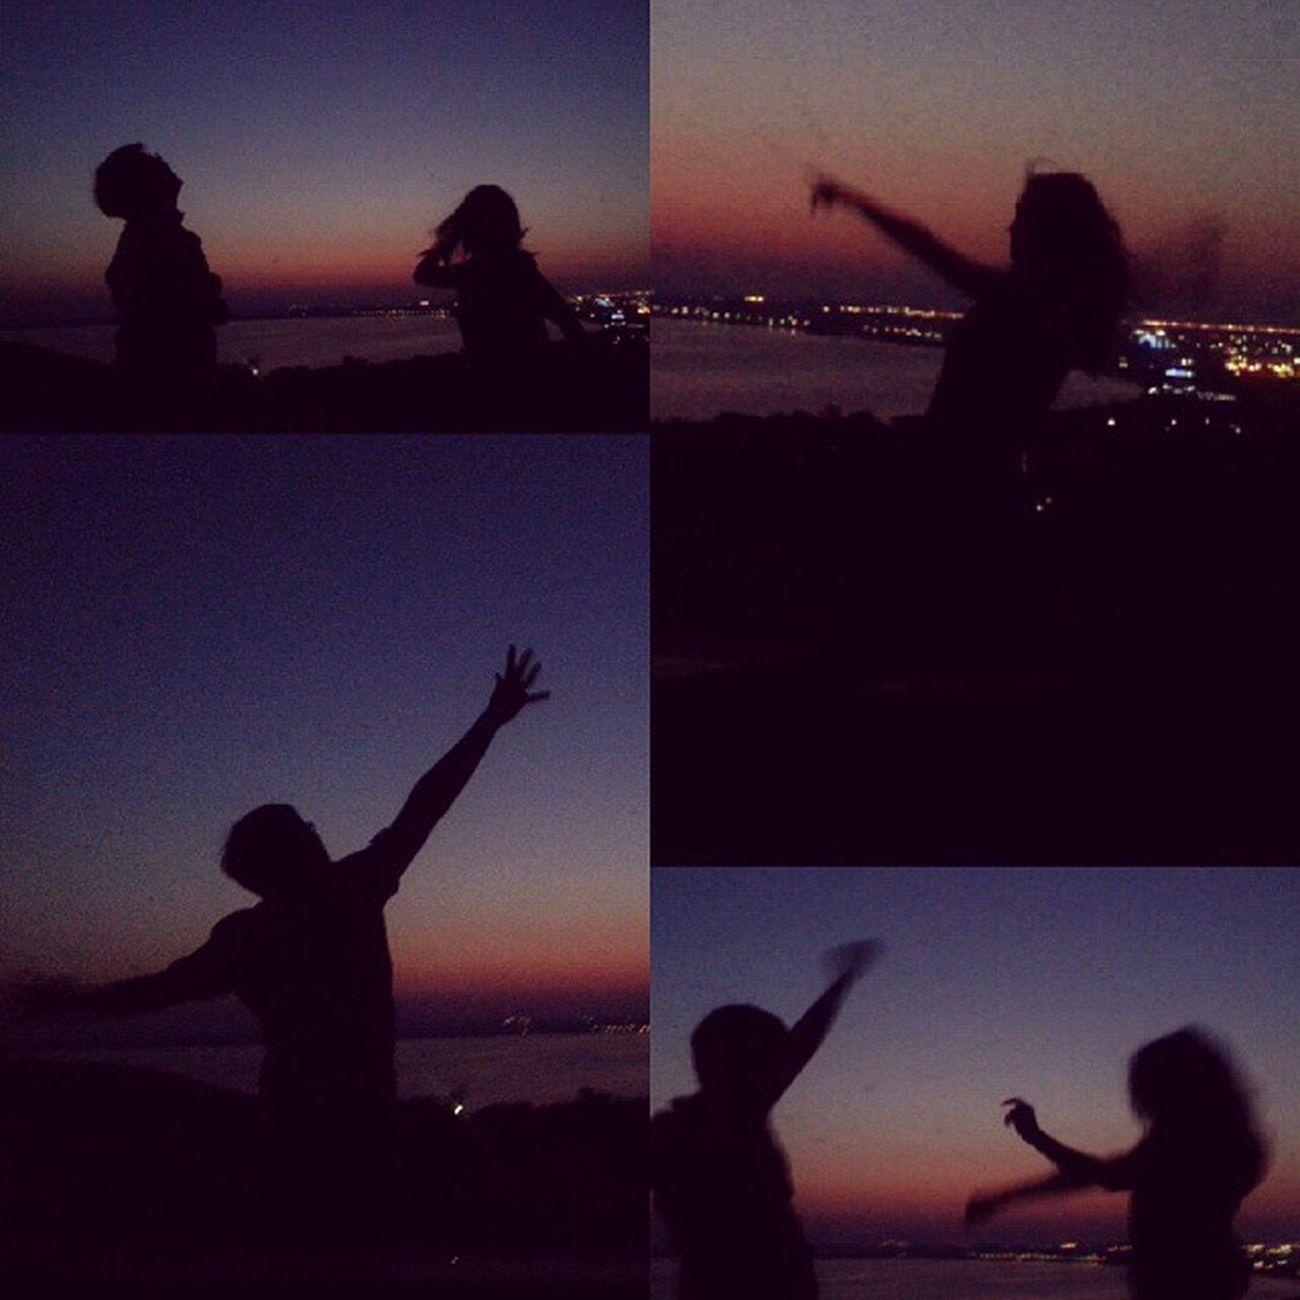 Просто музыка, хорошее настроение и лучшие друзья рядом. встречаярассвет танцы Лето2015 лучшие друзья Bestfriends Summer Dancing Sunrise 04am